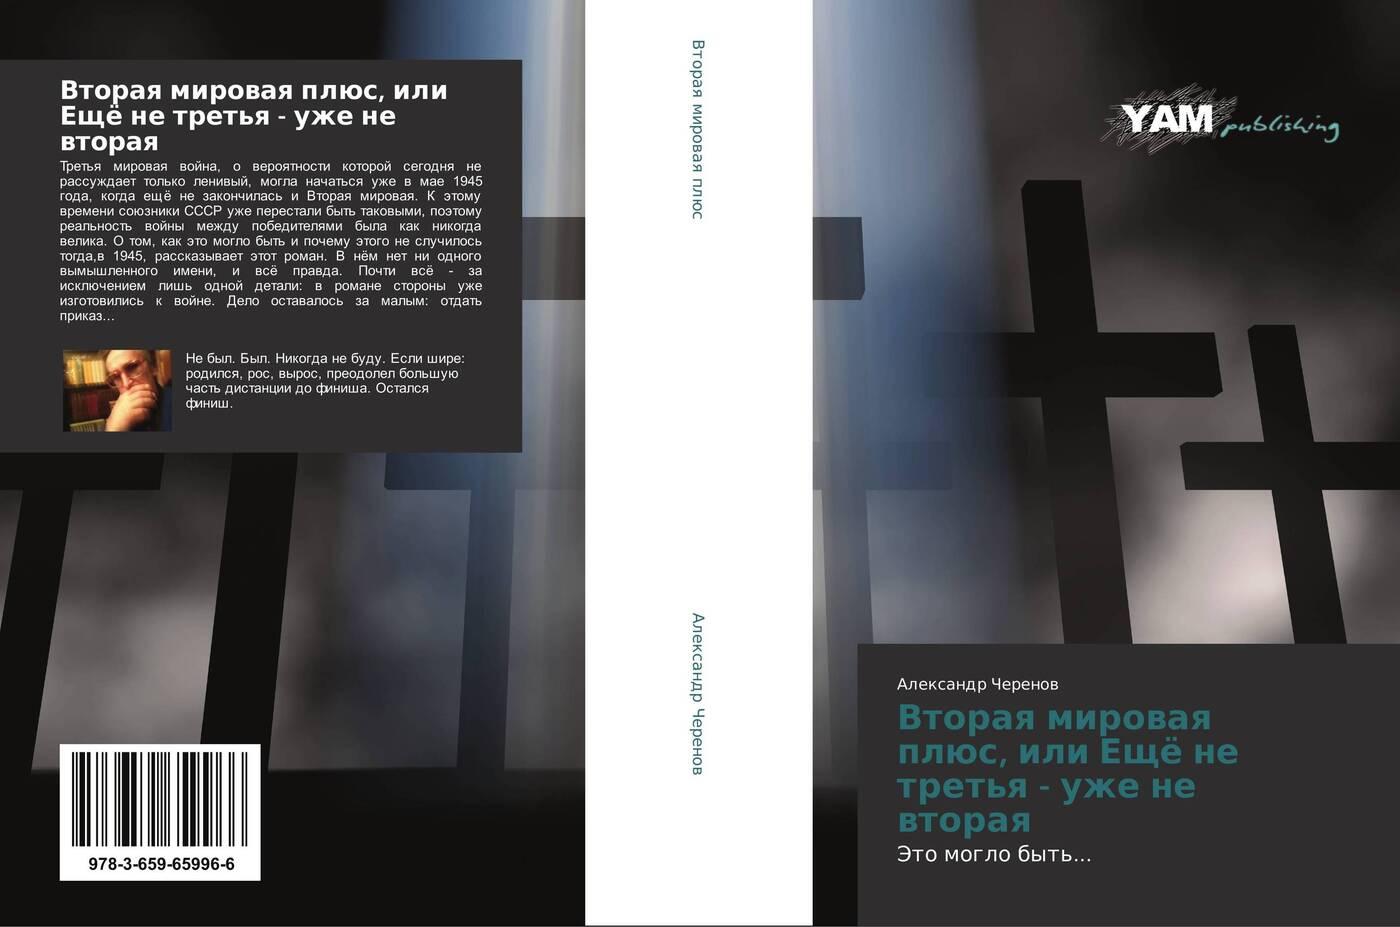 Александр Черенов Вторая мировая плюс, или Ещё не третья - уже не вторая